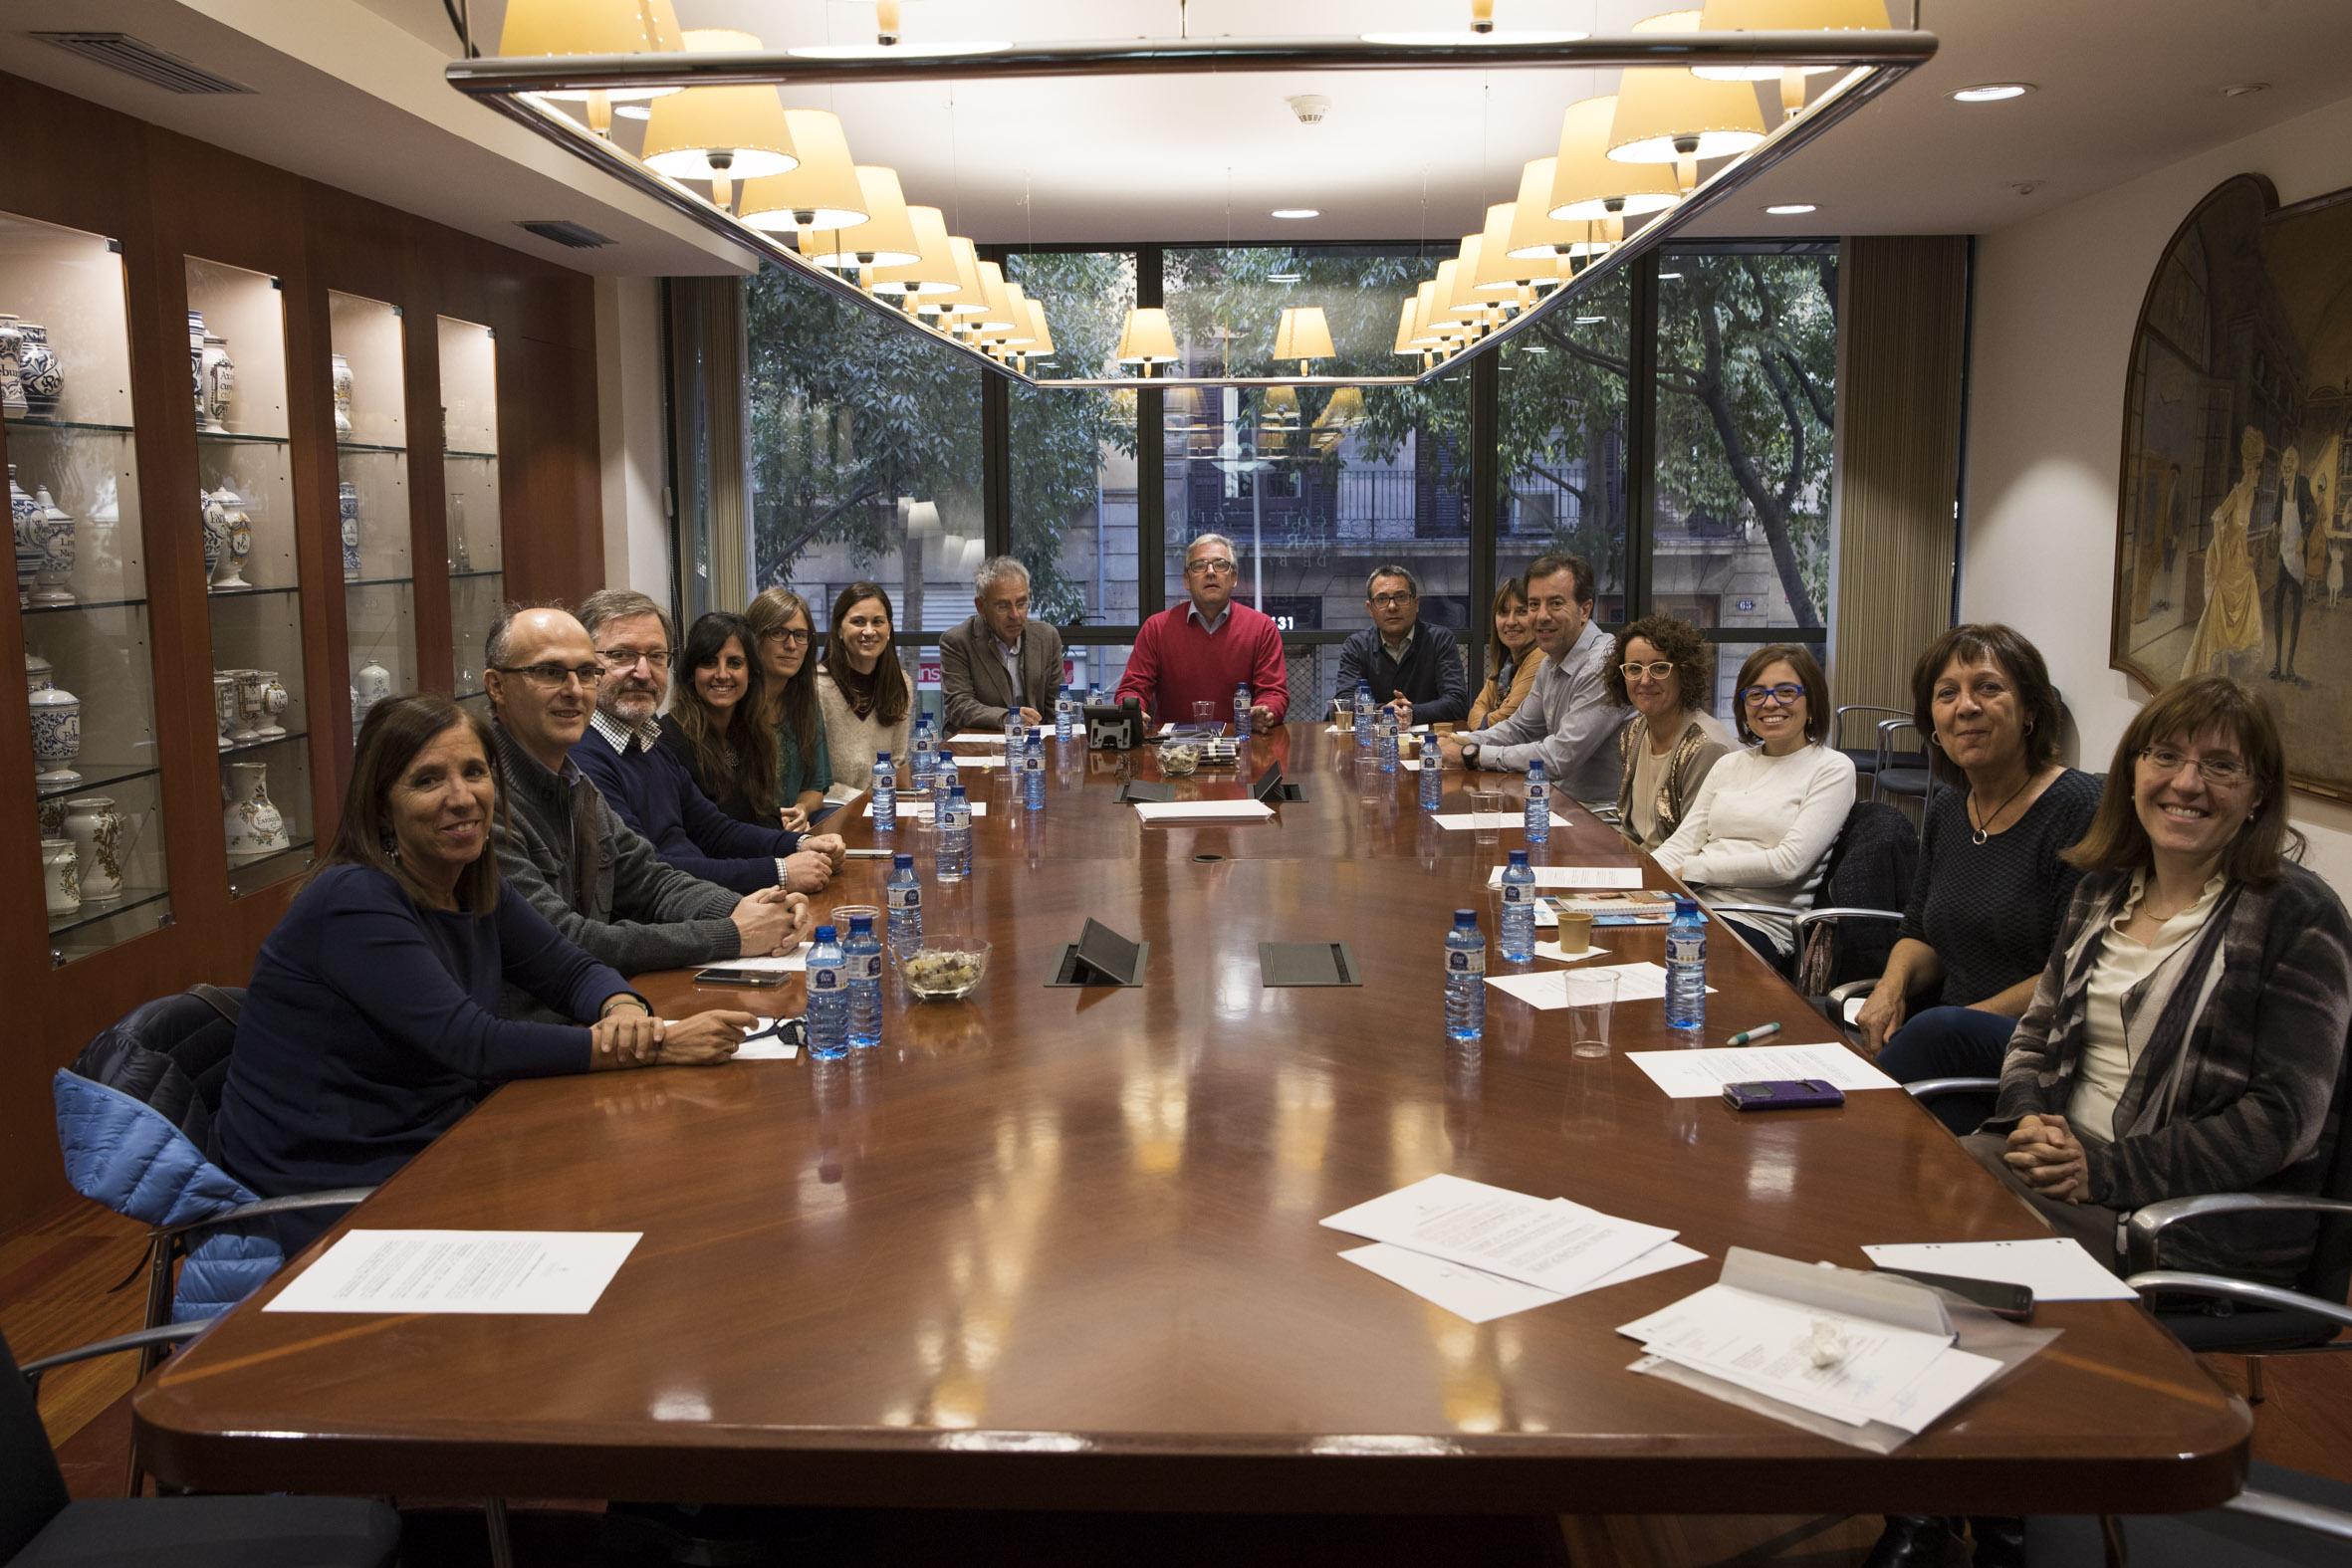 Sessió de presentació dels treballs resultants de les Beques Col·legials 2016 - 2017.